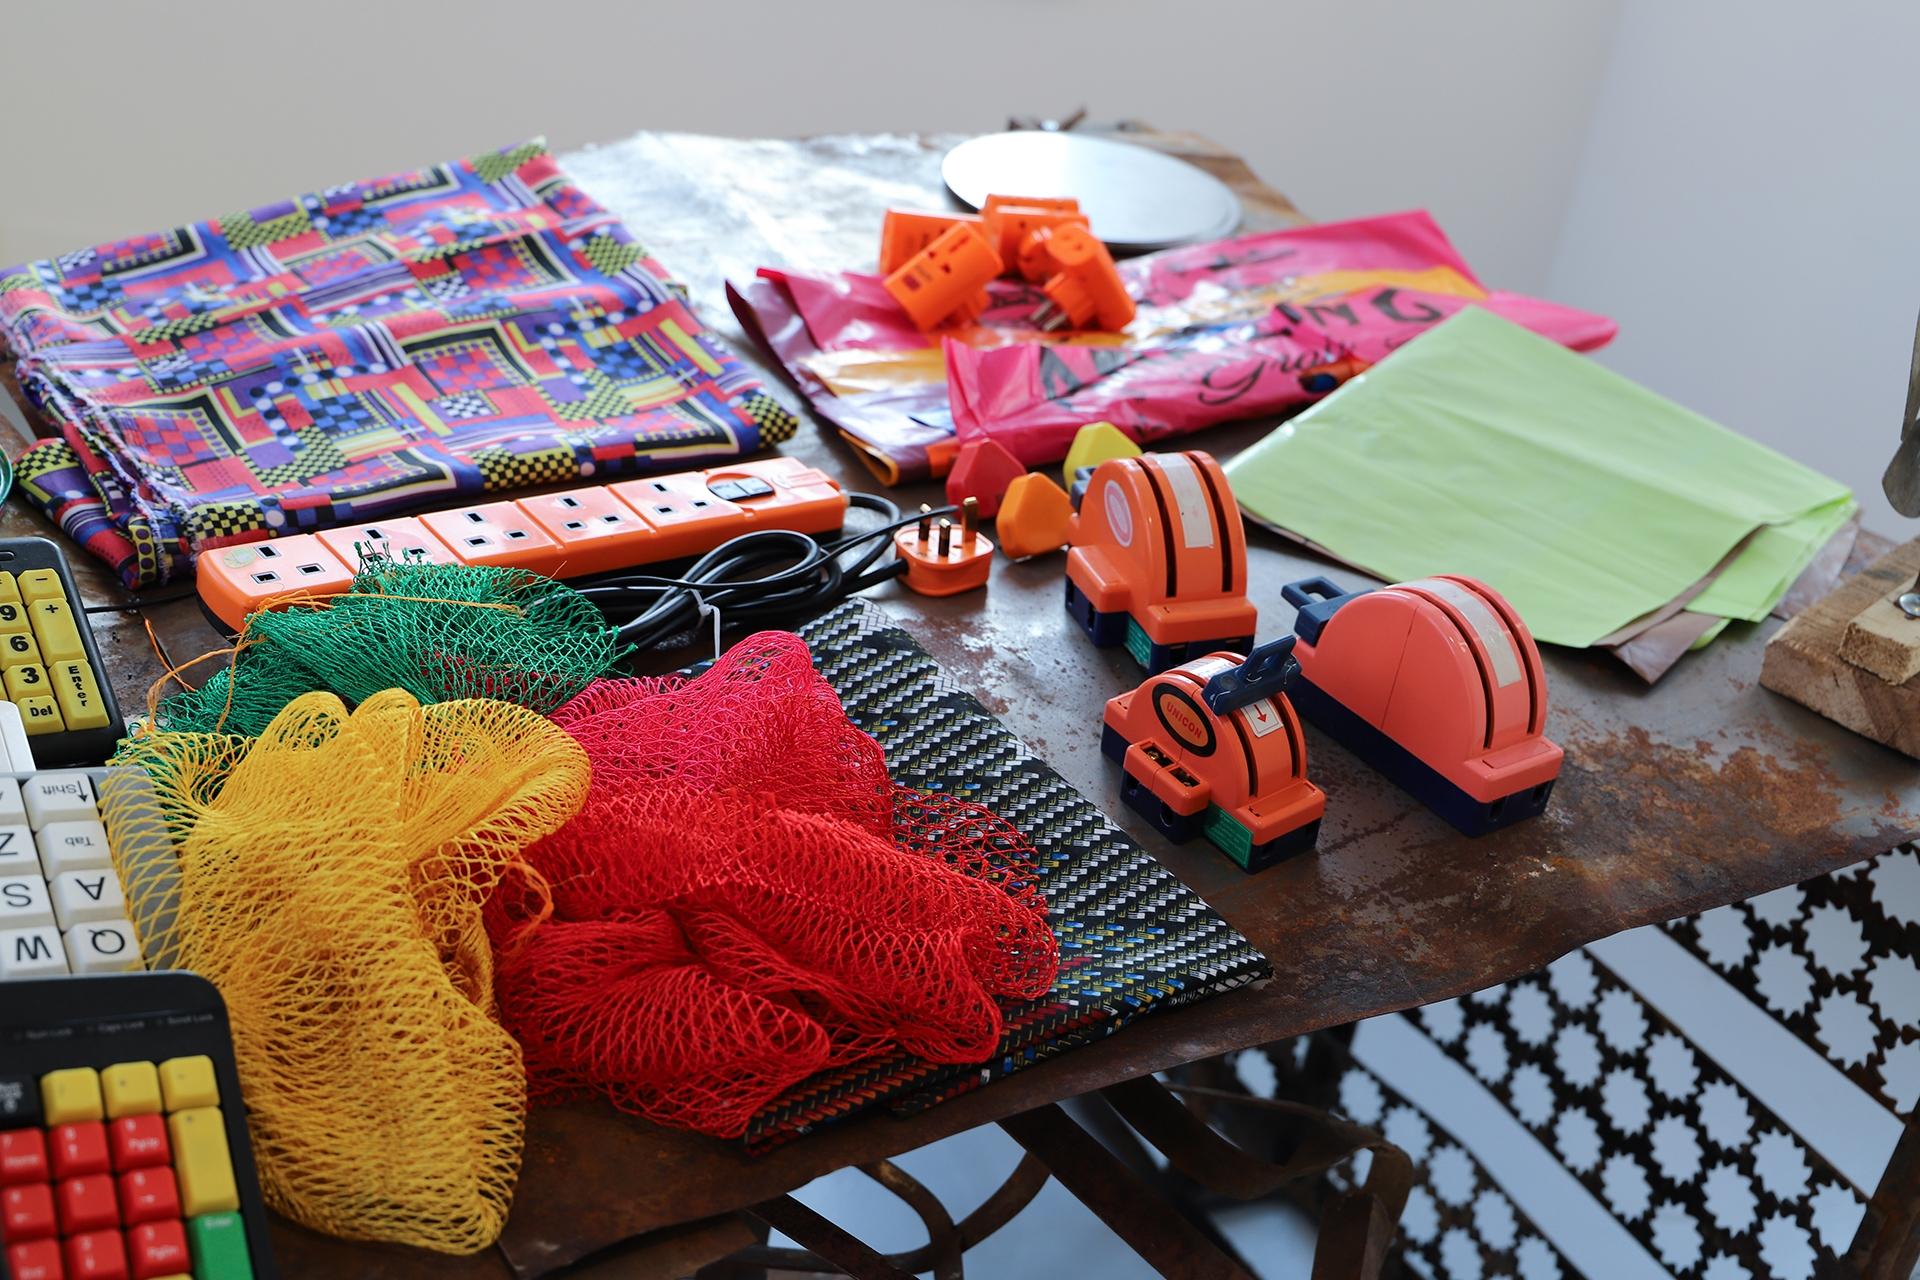 Zdjęcie przedstawia kolorowe przedmioty w przybliżeniu.